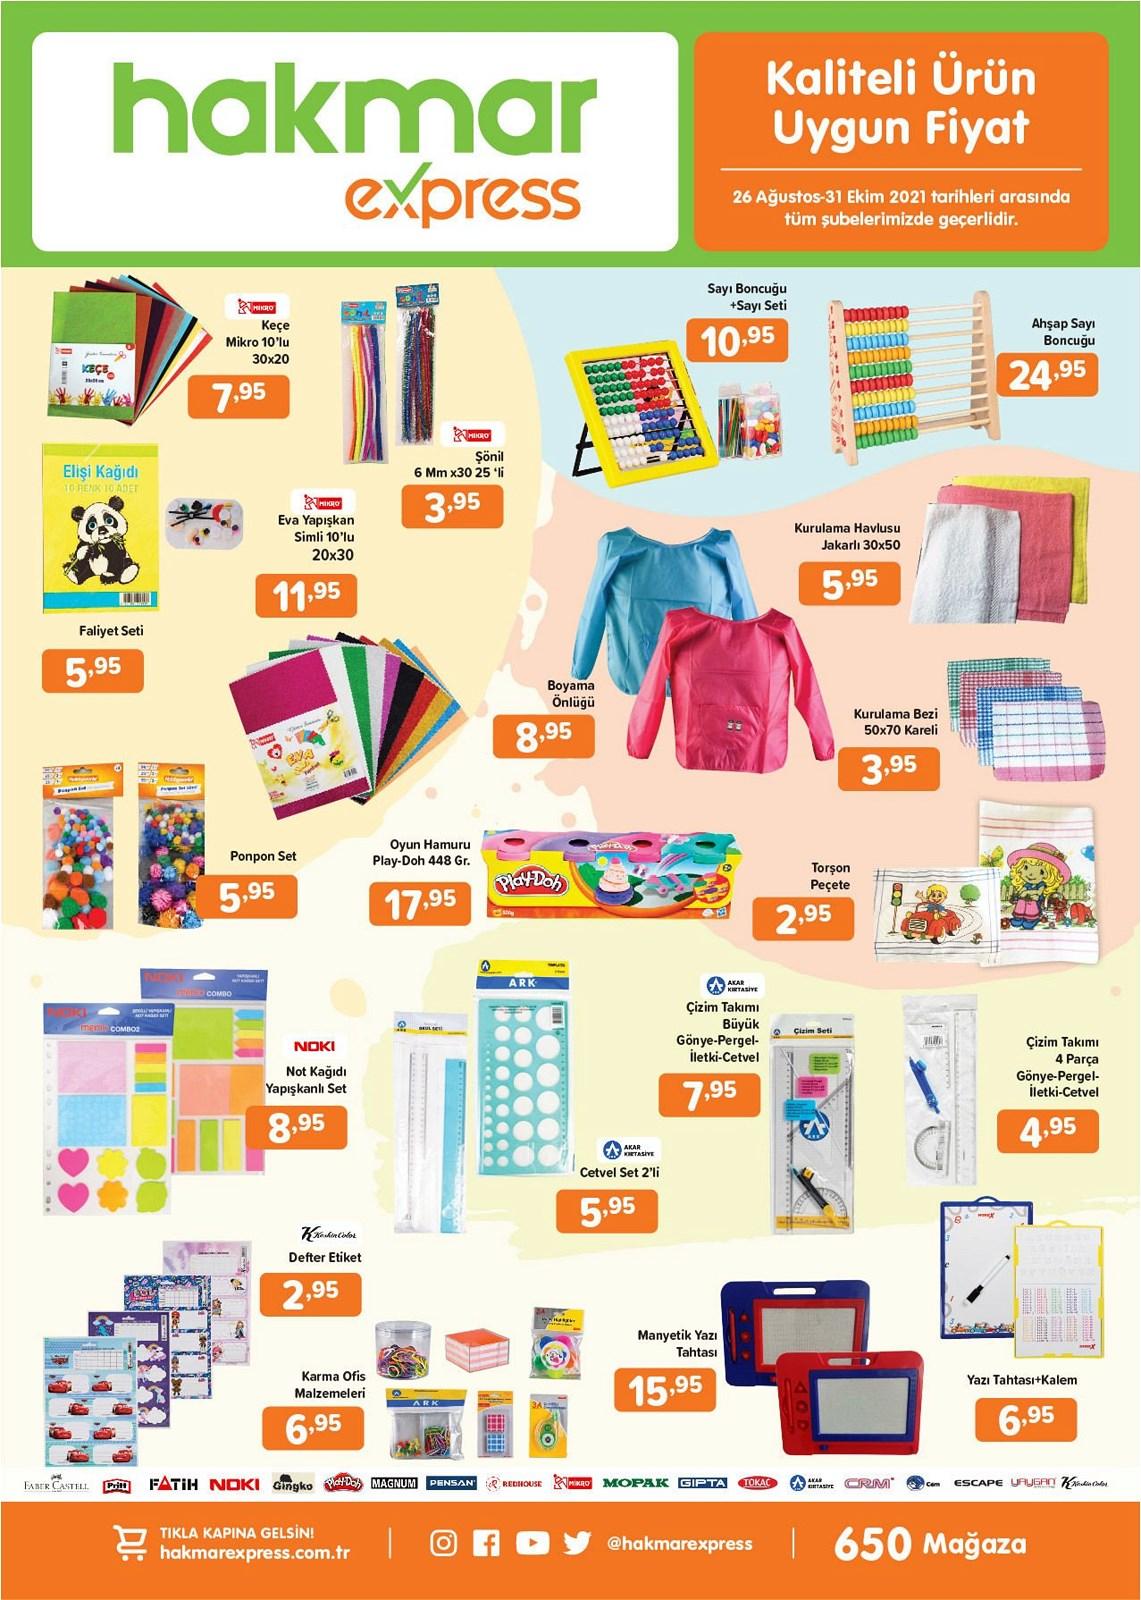 26.08.2021 Hakmar Express broşürü 8. sayfa